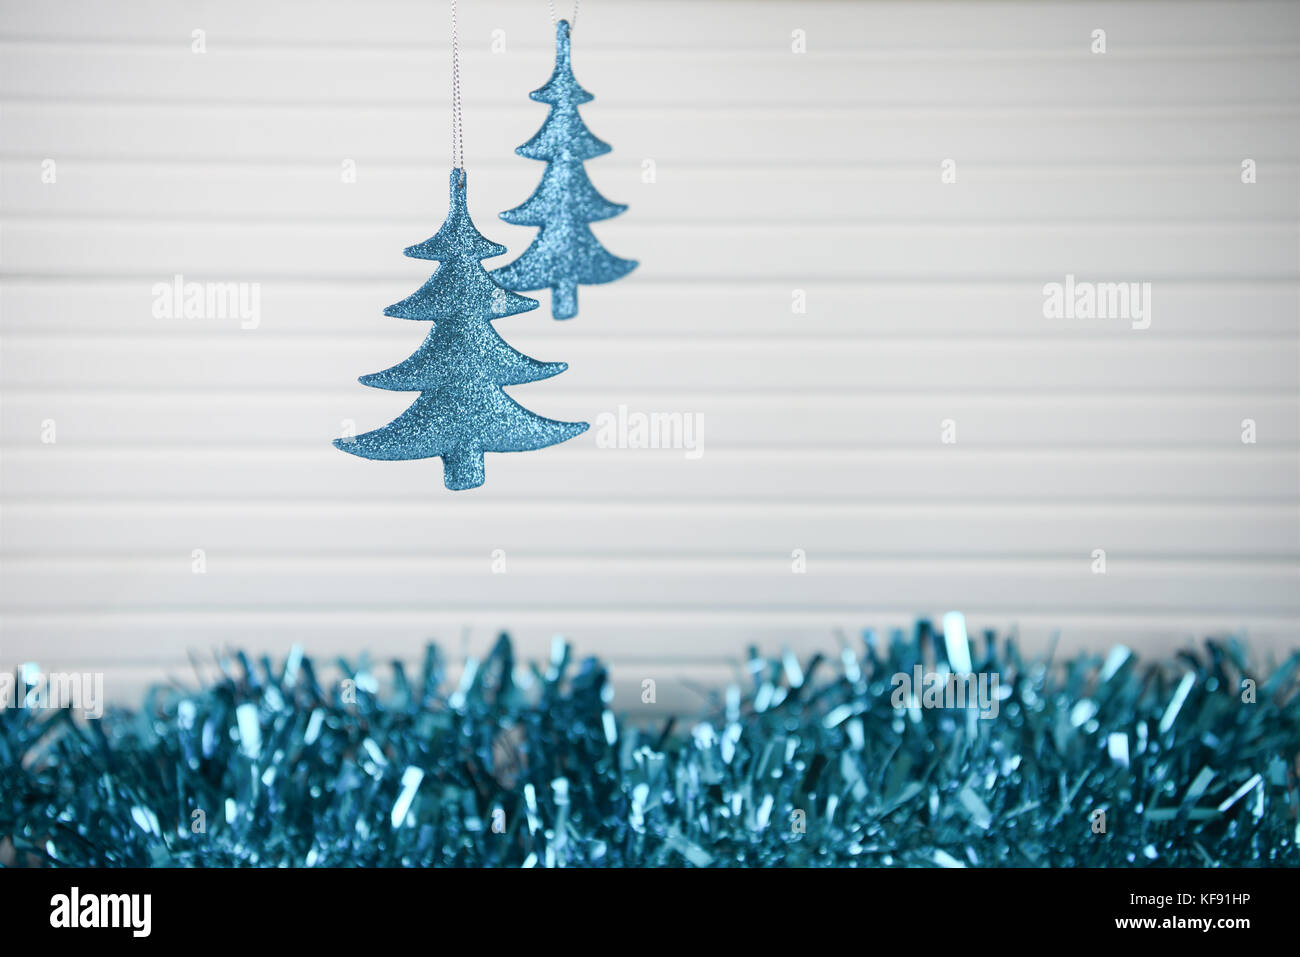 Albero Di Natale Con Decorazioni Blu : Fotografia di natale immagine dell albero di natale decorazione di